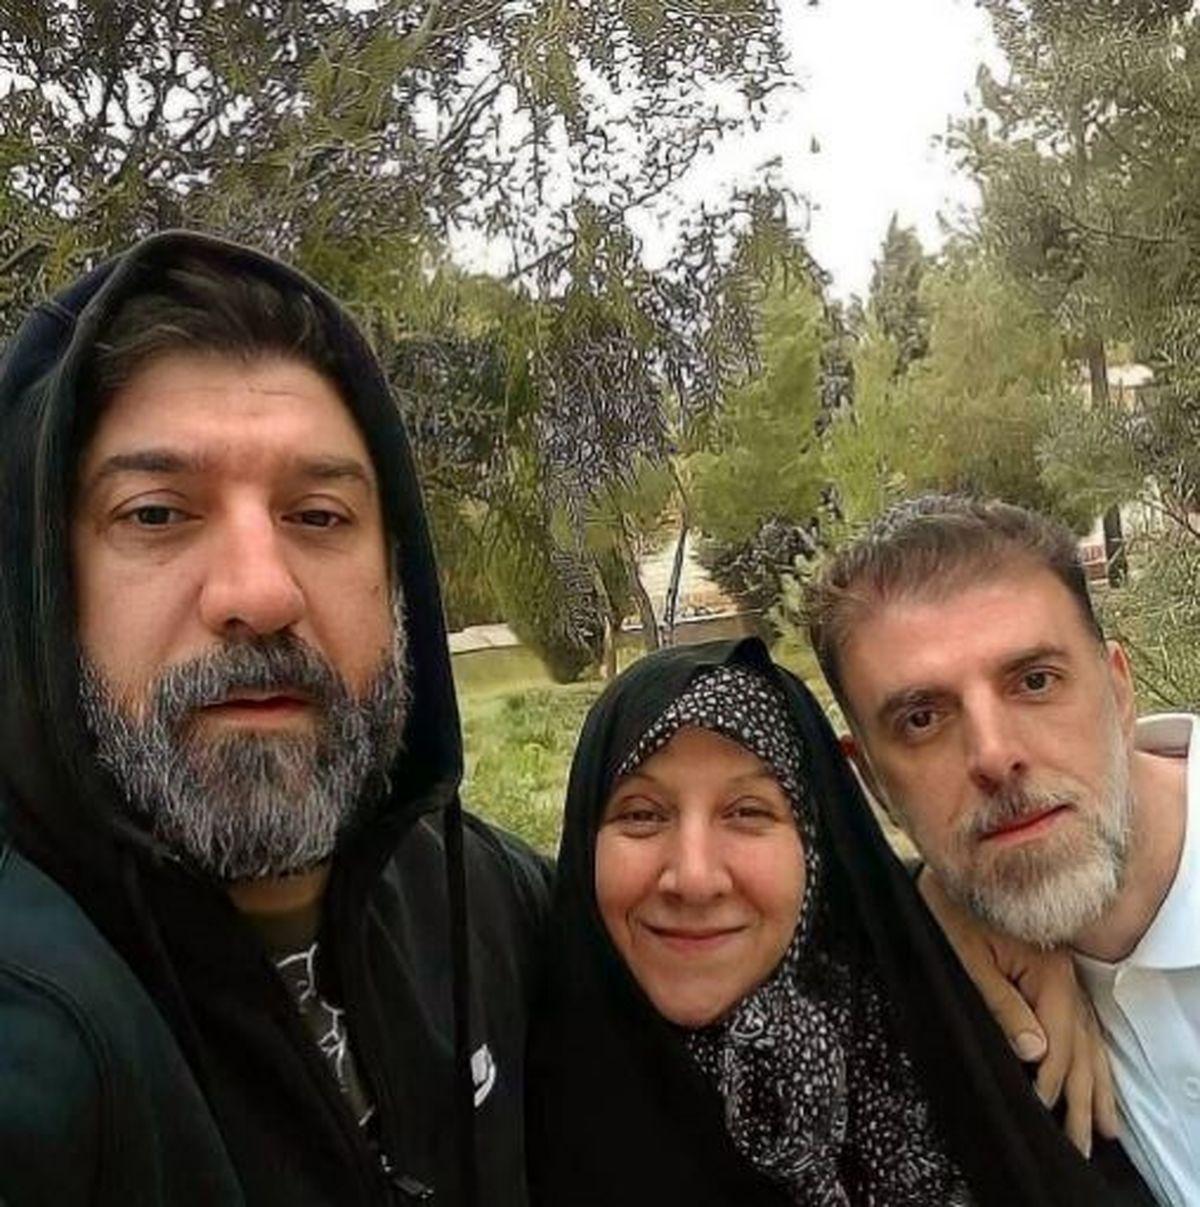 افشای پیام صوتی علی انصاریان/  انصاریان قبل از مرگ چه گفت؟ + فیلم